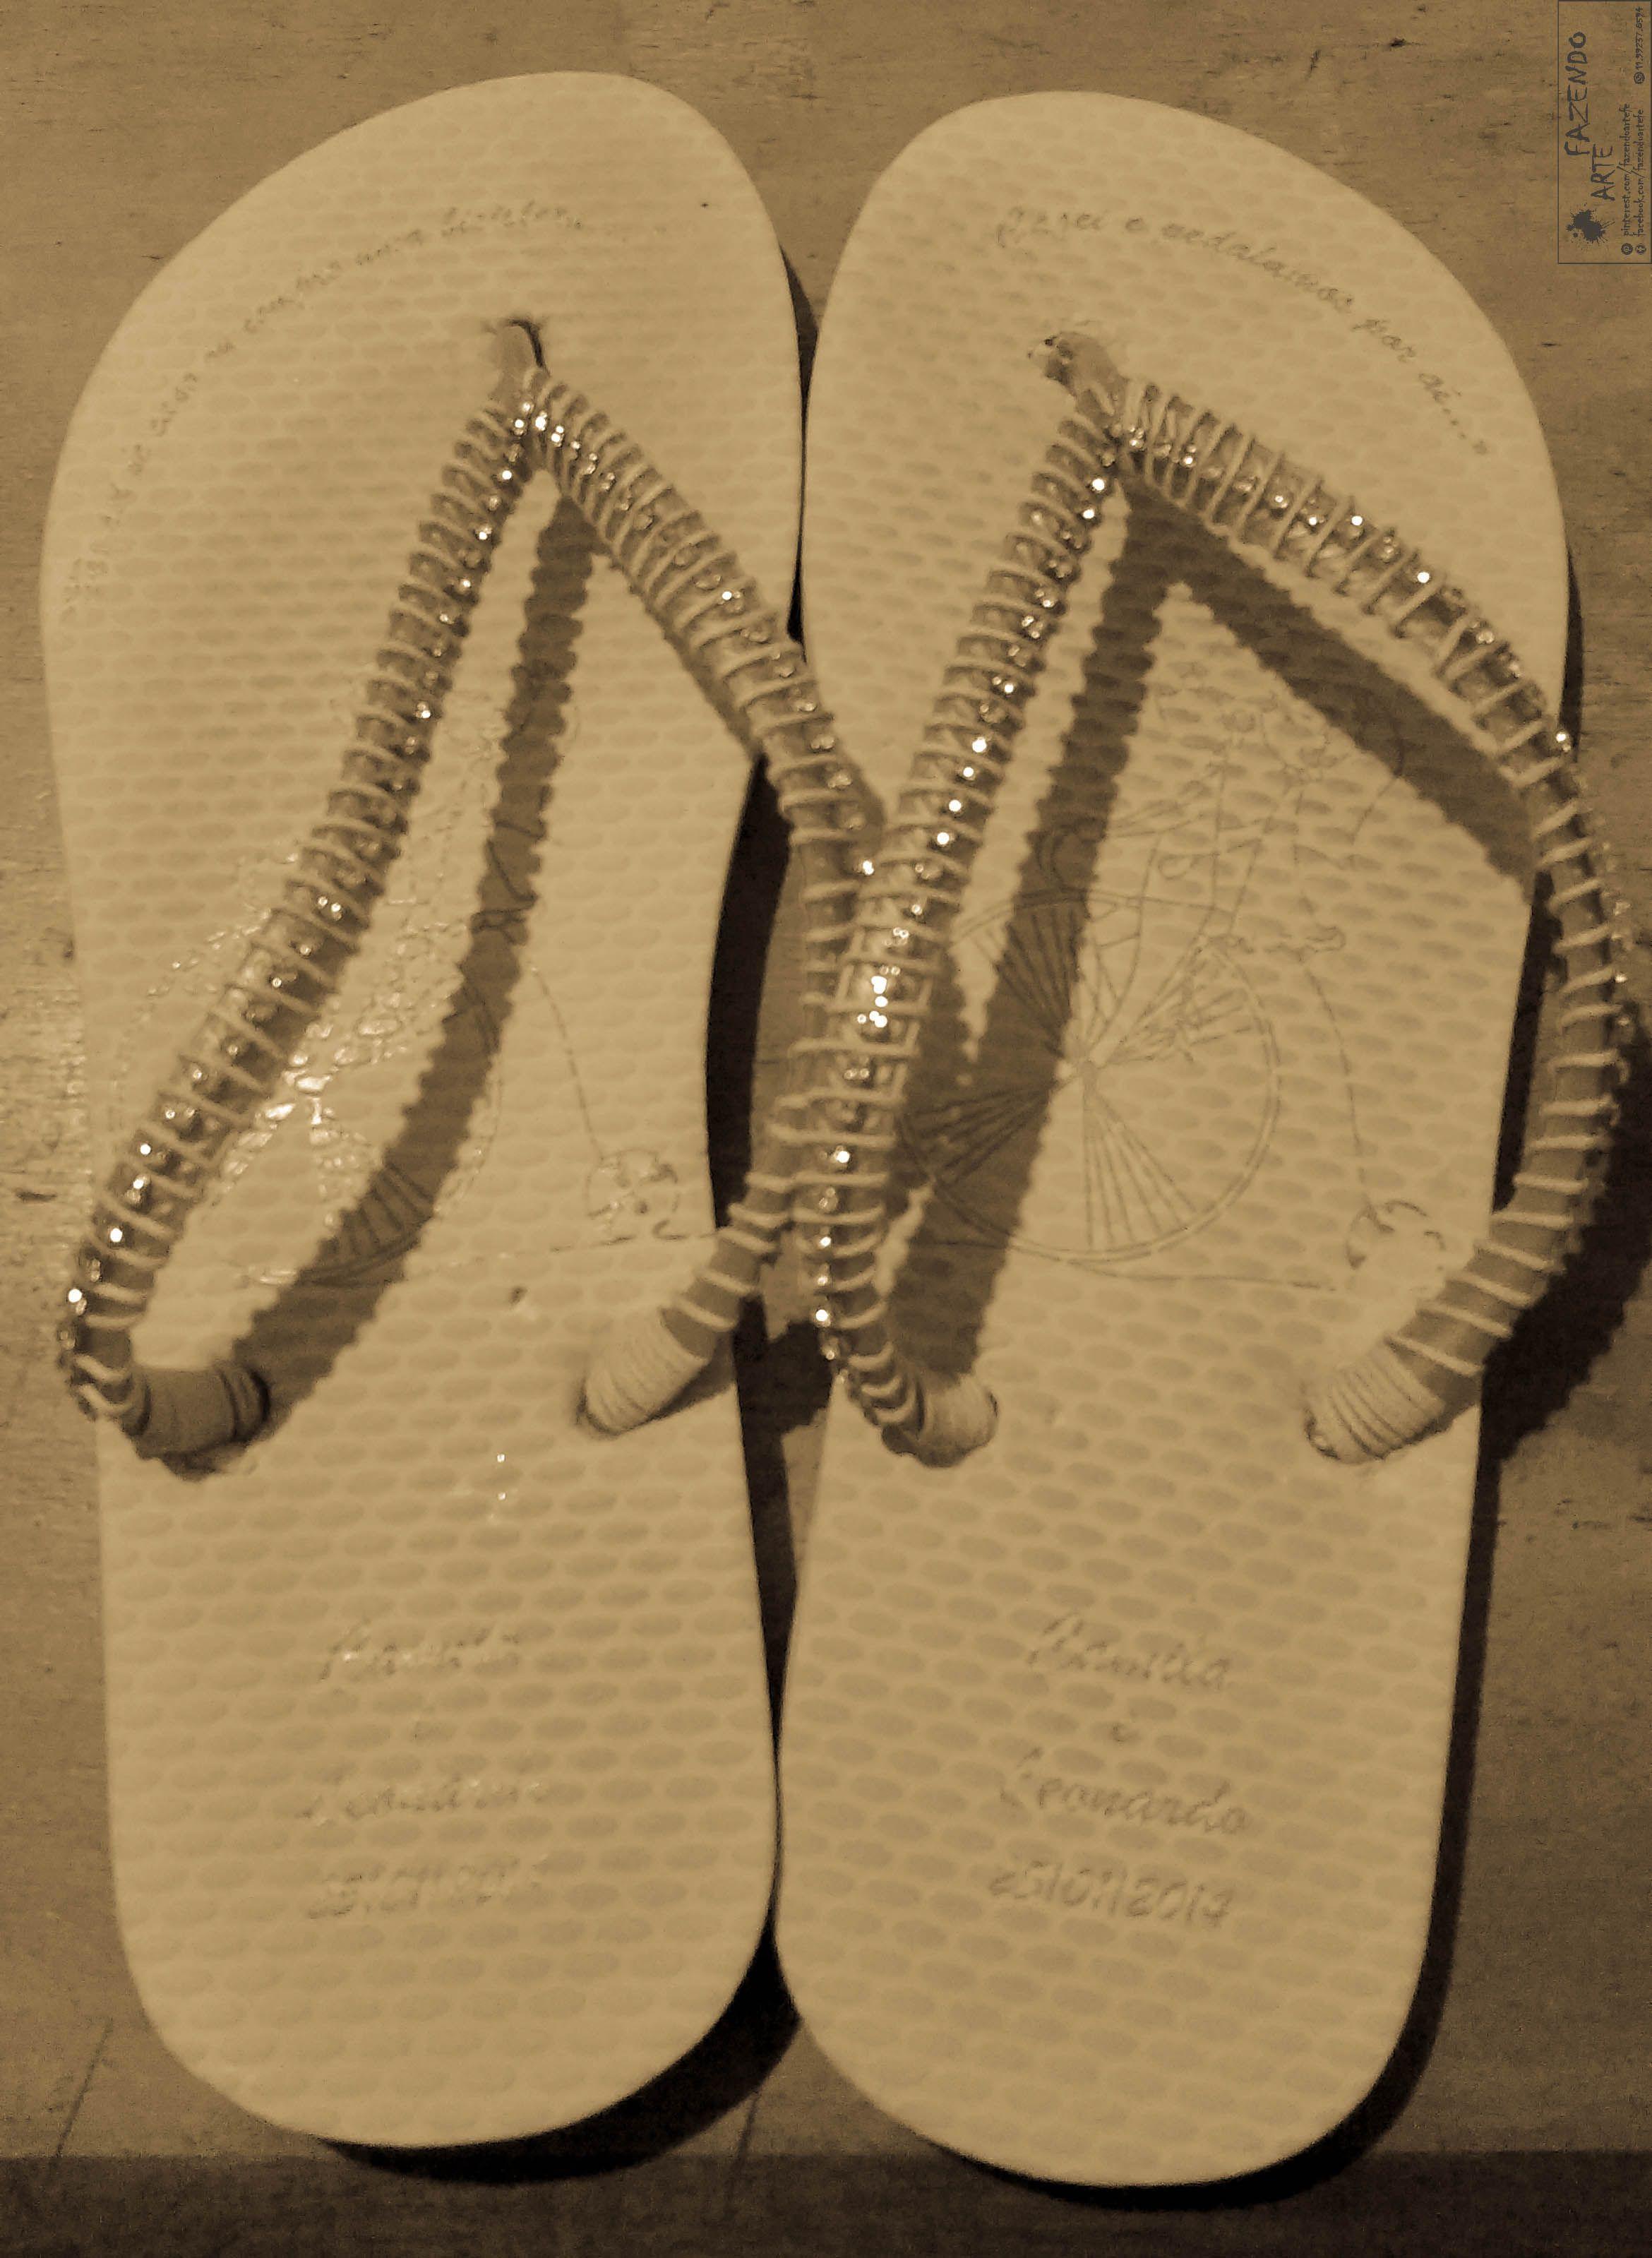 5d241f1ff  chinelo  flipflops  chinelodecorado  slipperdecorated  modafeminina   fashion  modapraia  beachfashion  presente  gift  aniversario  birthday   diadasmaes ...